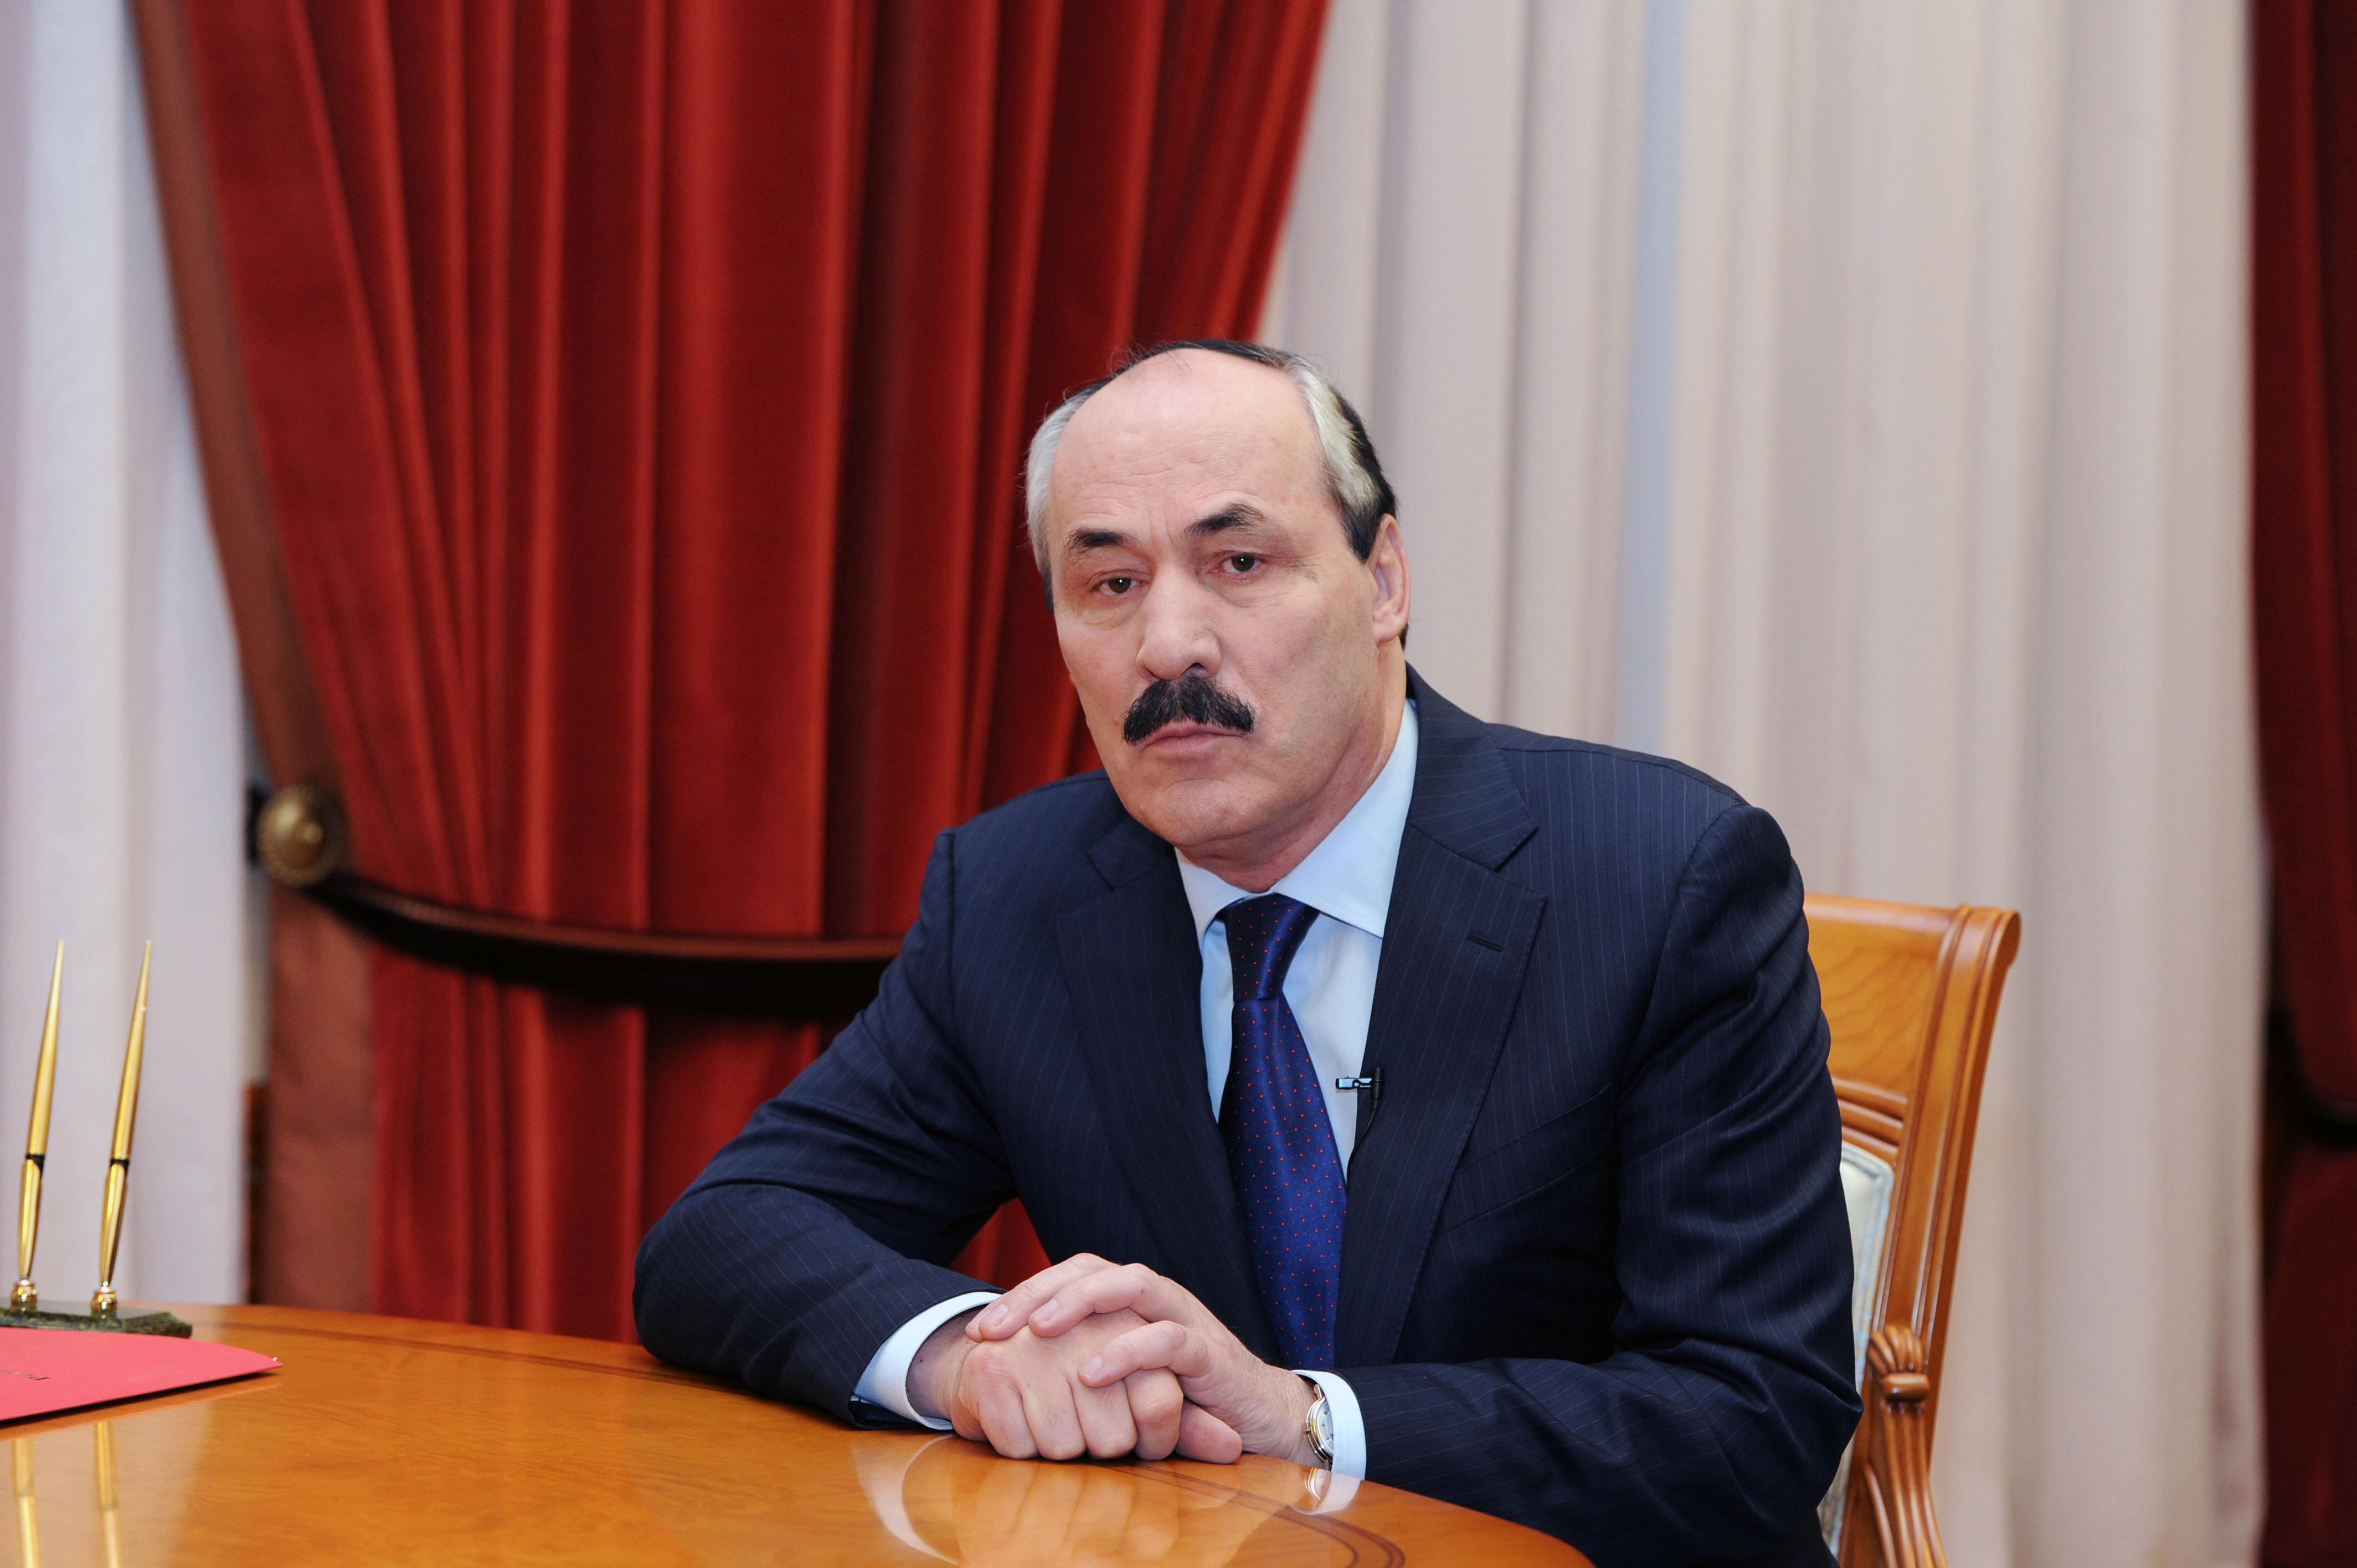 Рамазан Абдулатипов обратился к дагестанцам в преддверии празднования 2000-летия Дербента